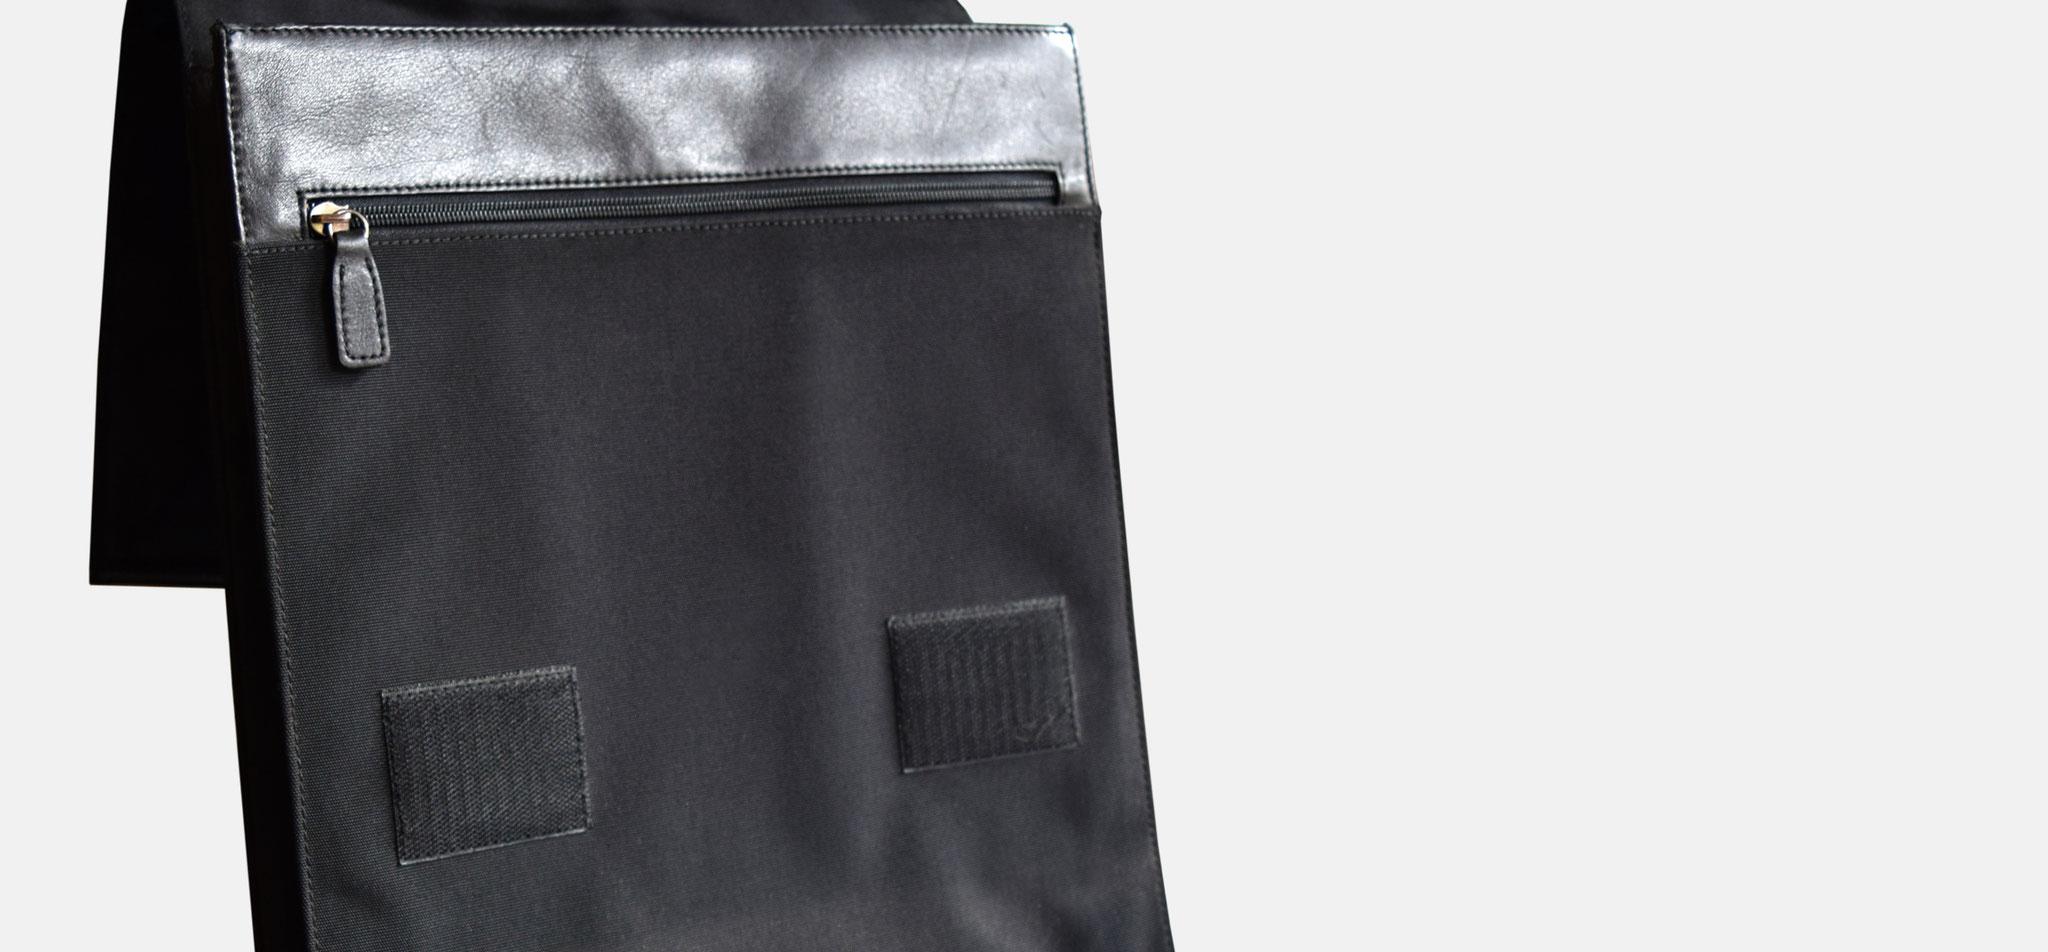 BREE | rucksack poco, leder und nylon, verschluss via gummiband – infragrau, gute gestaltung